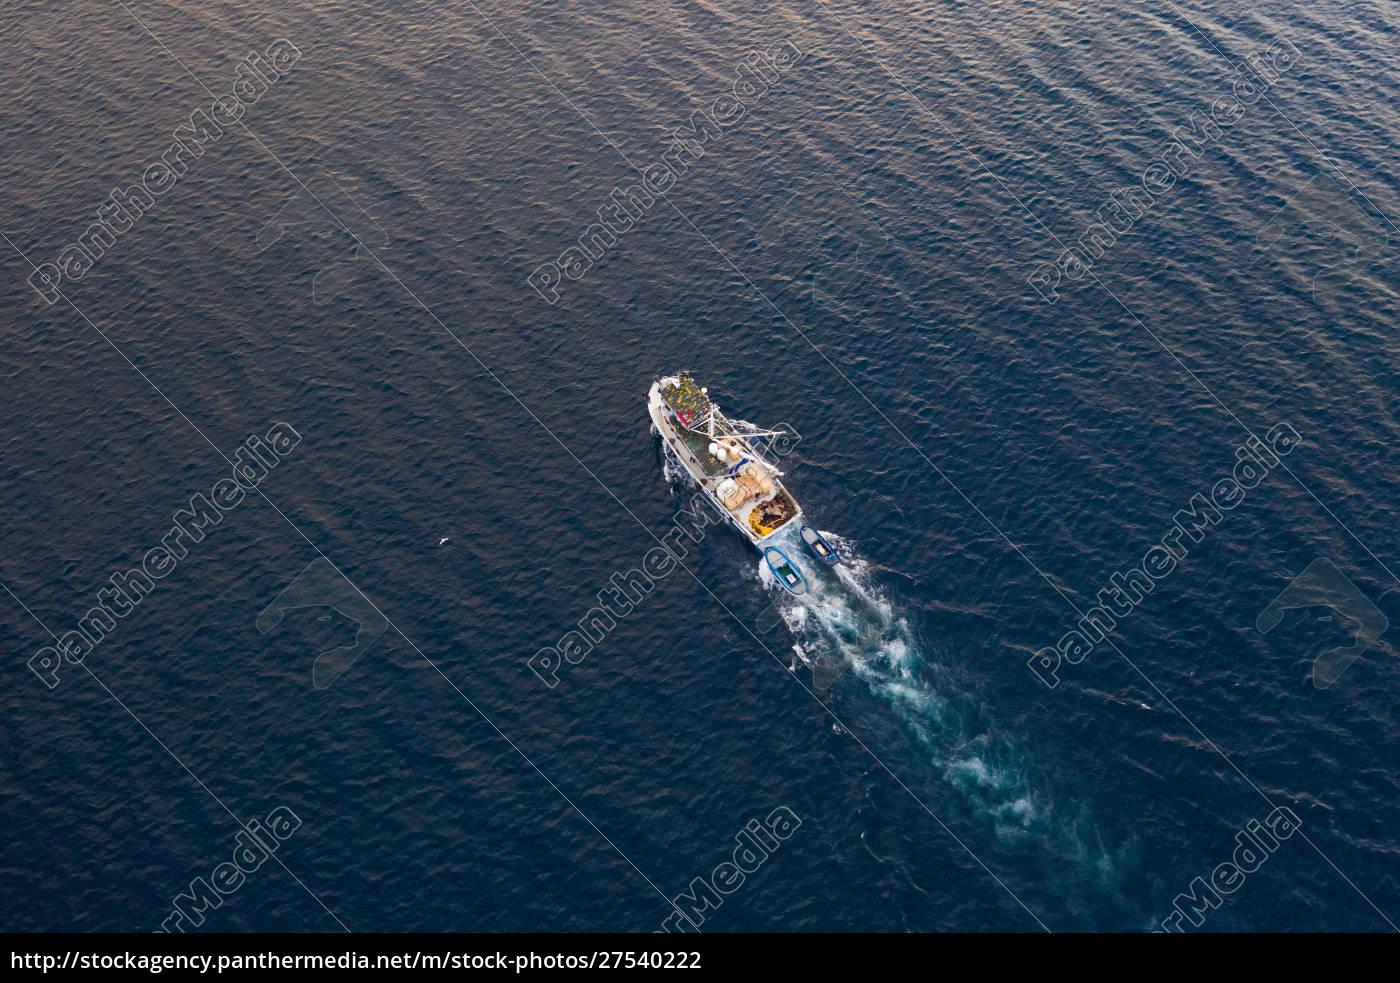 luftaufnahme, des, fischerbootes, segeln, an, der - 27540222